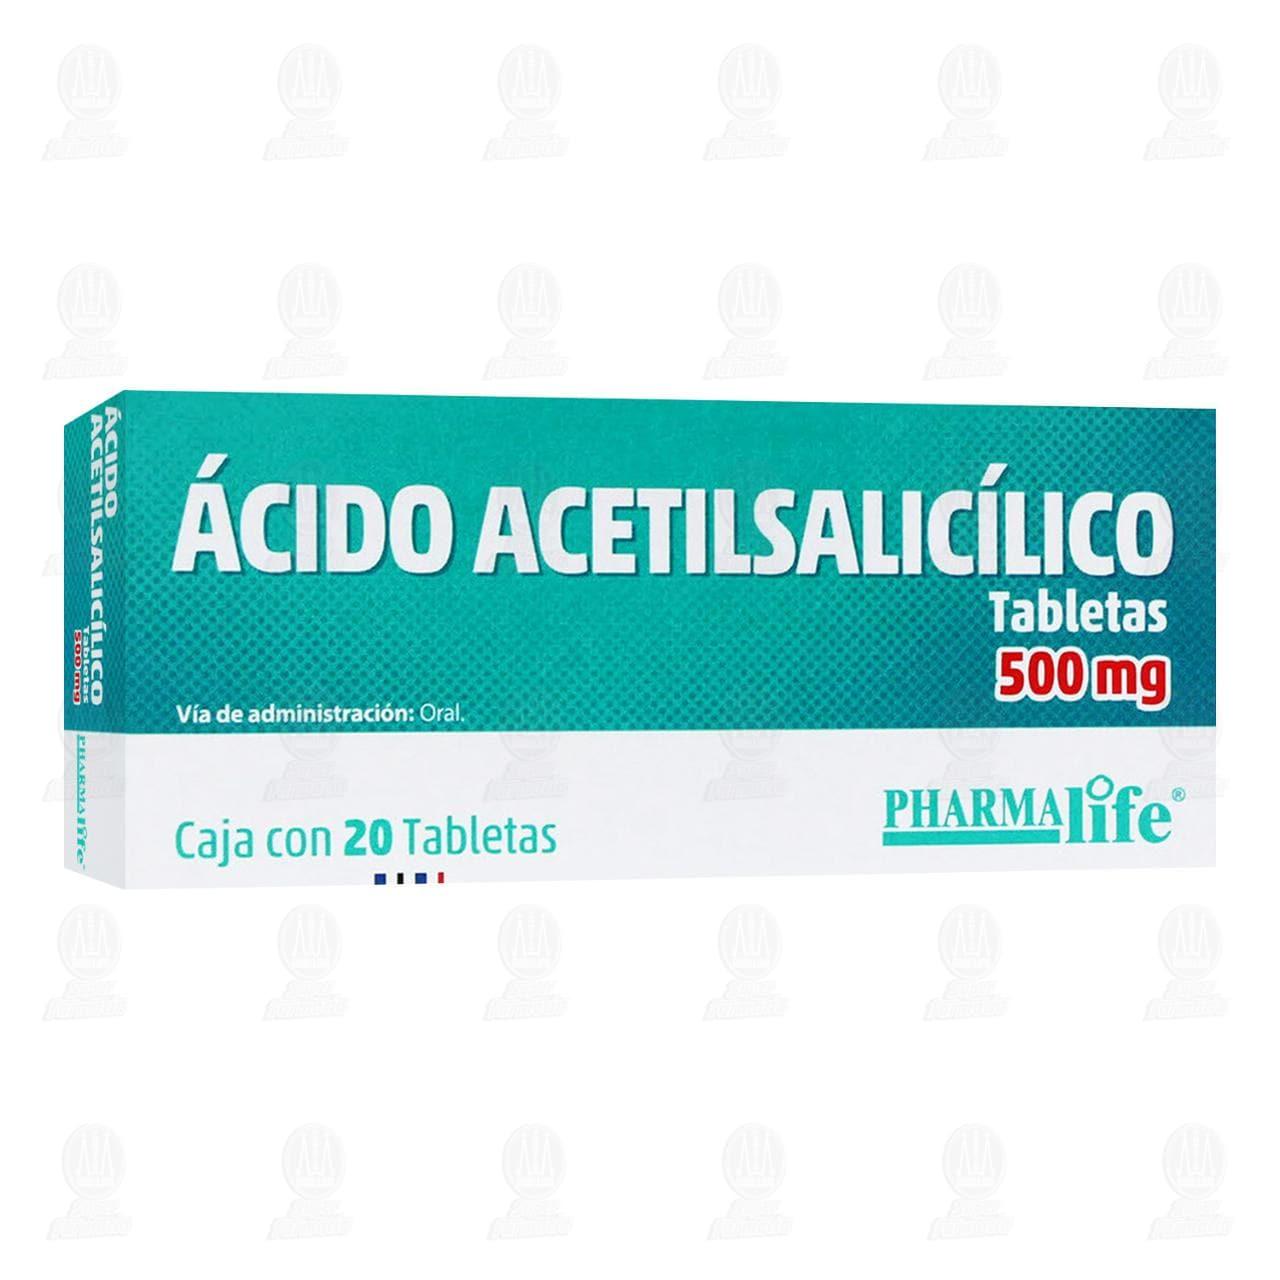 Comprar Ácido Acetilsalicílico 500mg 20 Tabletas Pharmalife en Farmacias Guadalajara